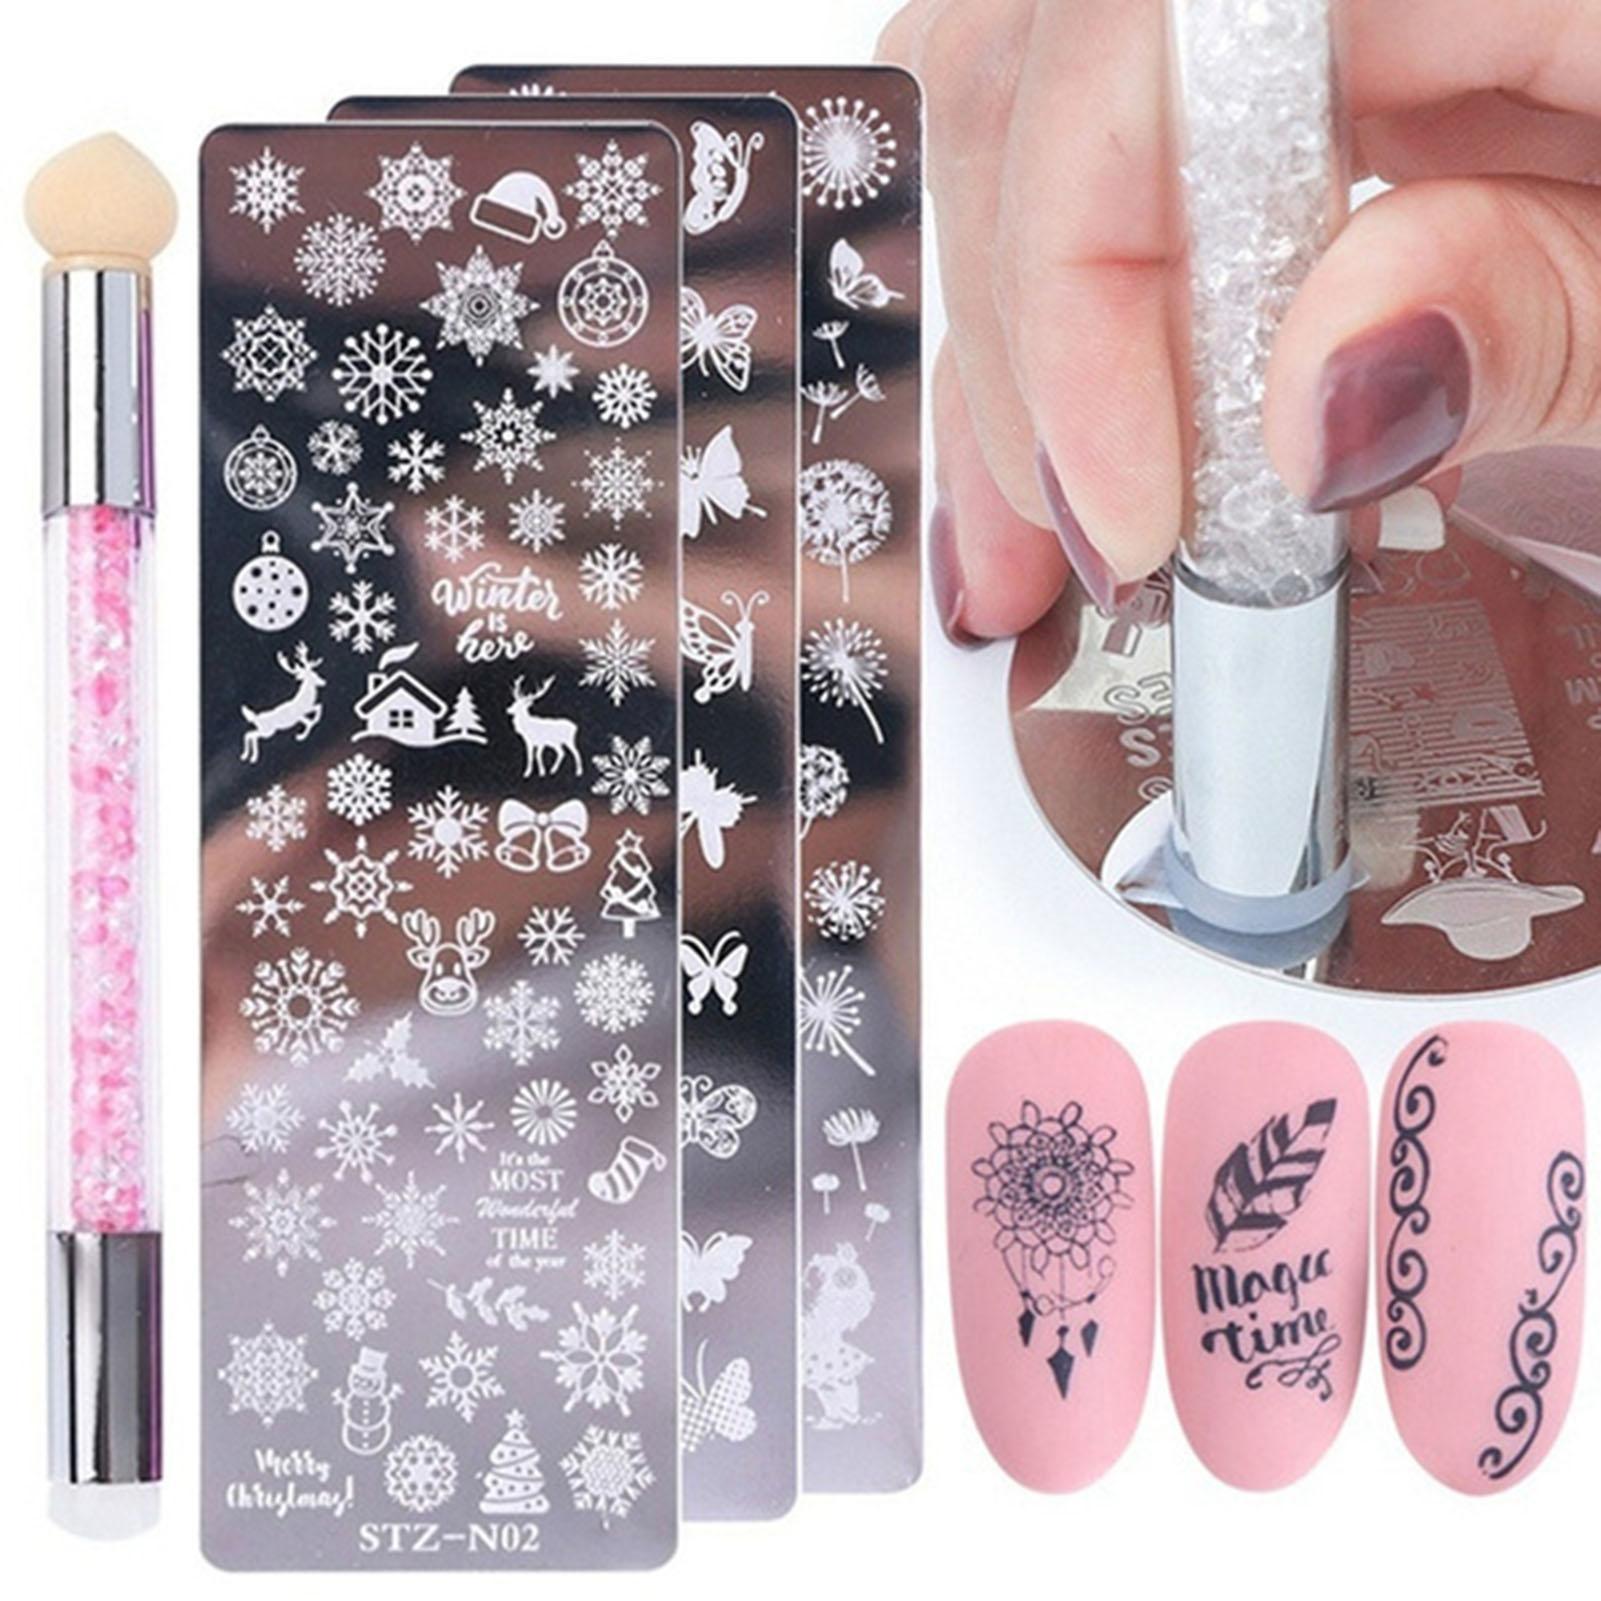 Duplo-face cabeça stamper pintura de polimento desenho manicure unha arte caneta ferramenta placa de carimbo de arte do prego diy kits de selo de unhas